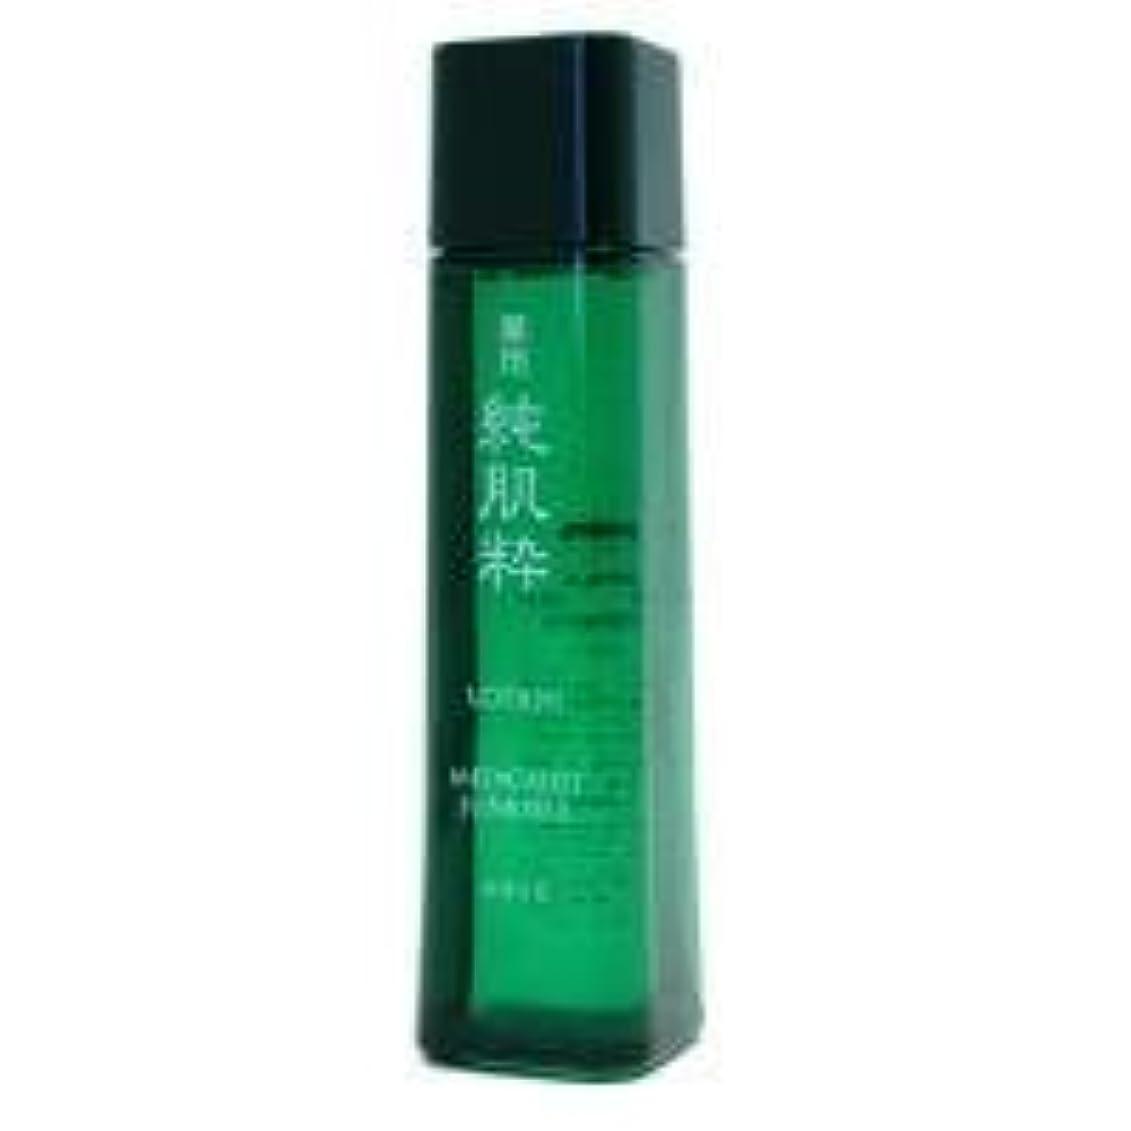 切り離す奇妙なライブコーセー 薬用 純肌粋 化粧水 150ml